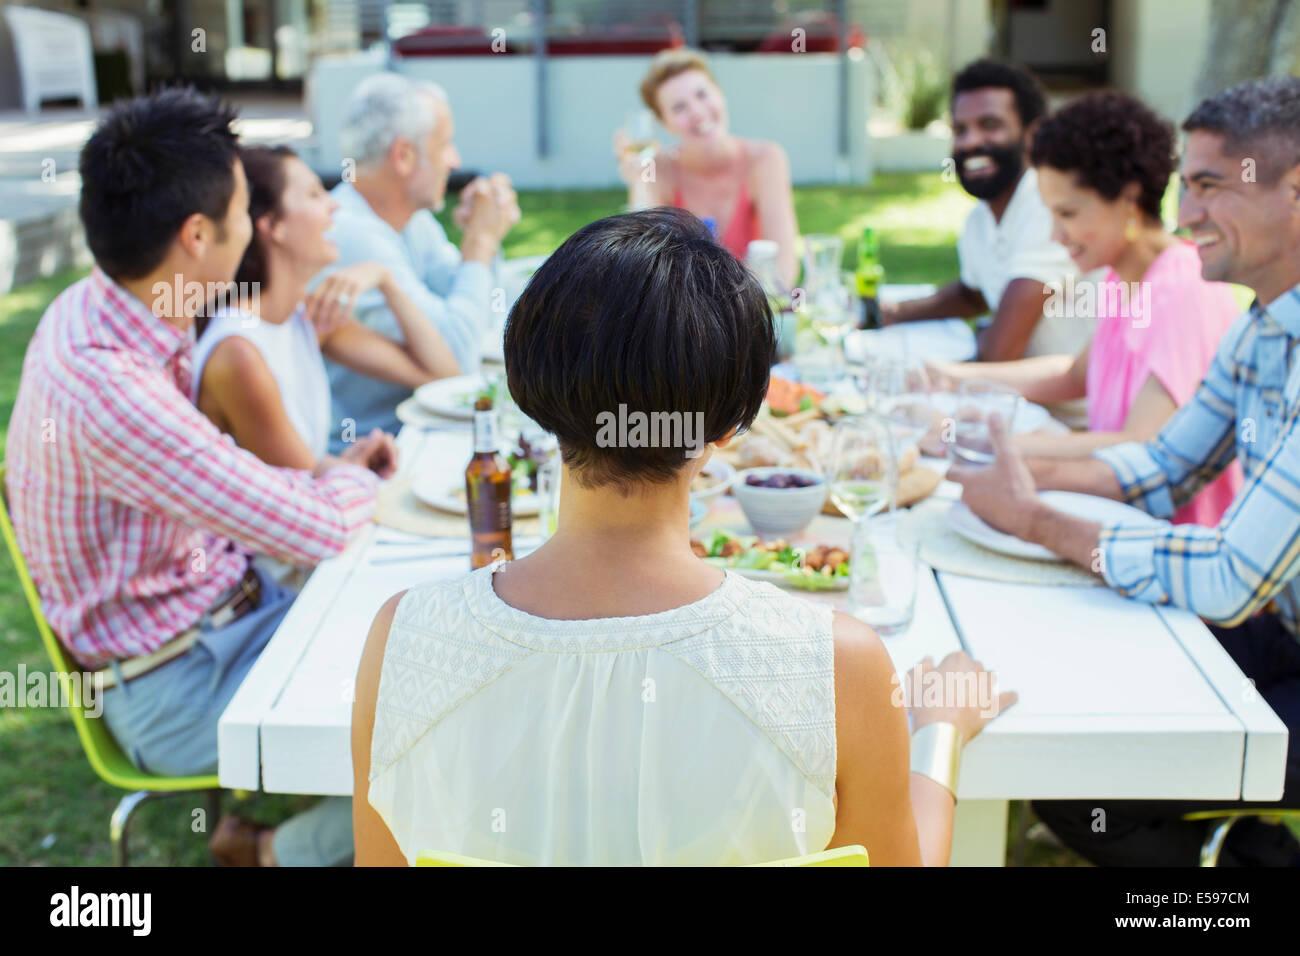 Freunde im Gespräch am Tisch im freien Stockbild